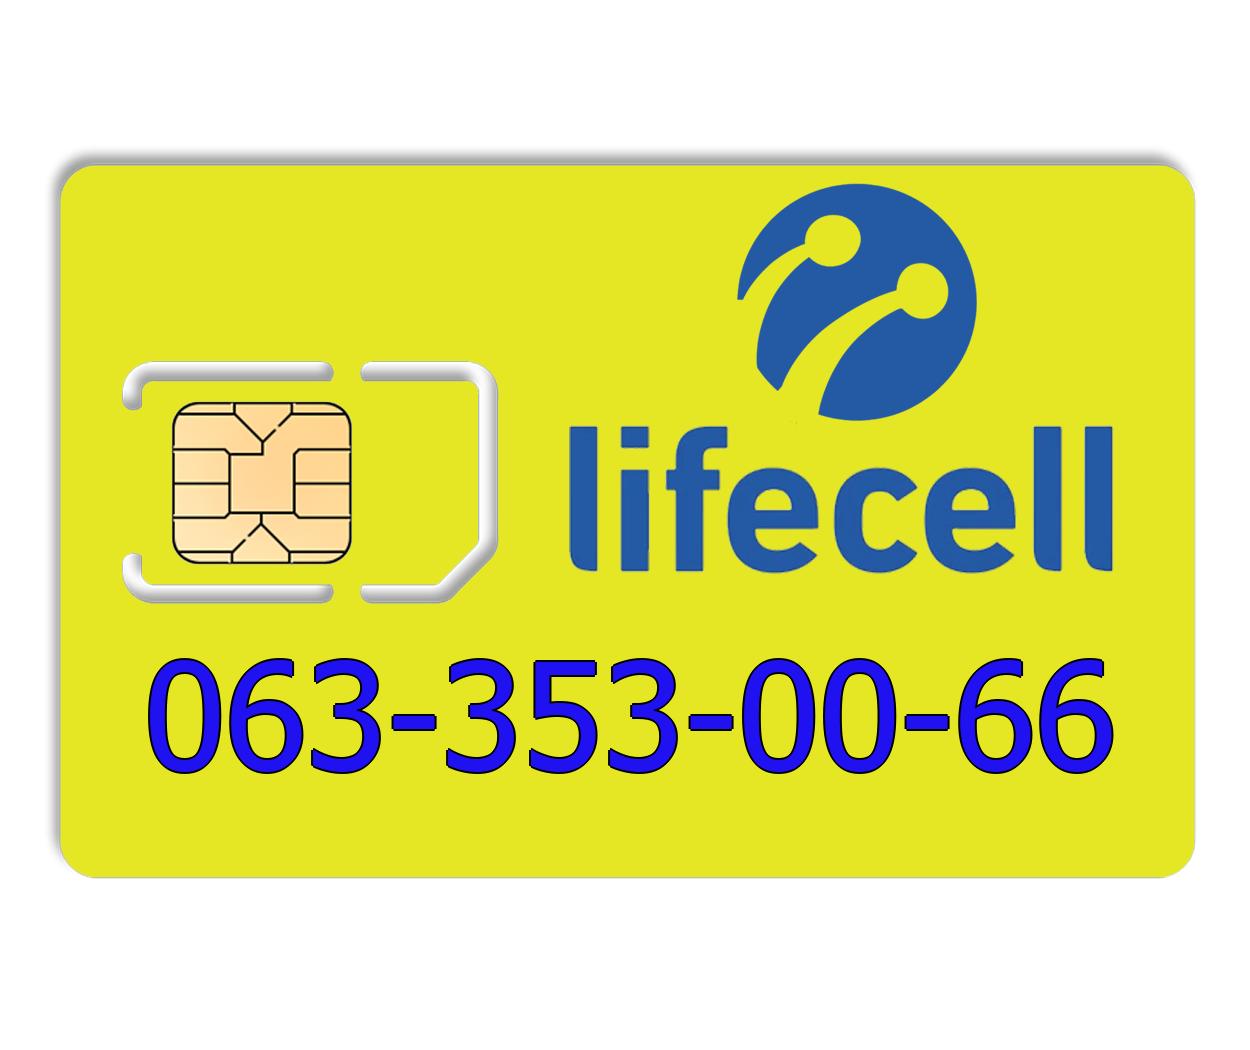 Красивый номер lifecell 063-353-00-66